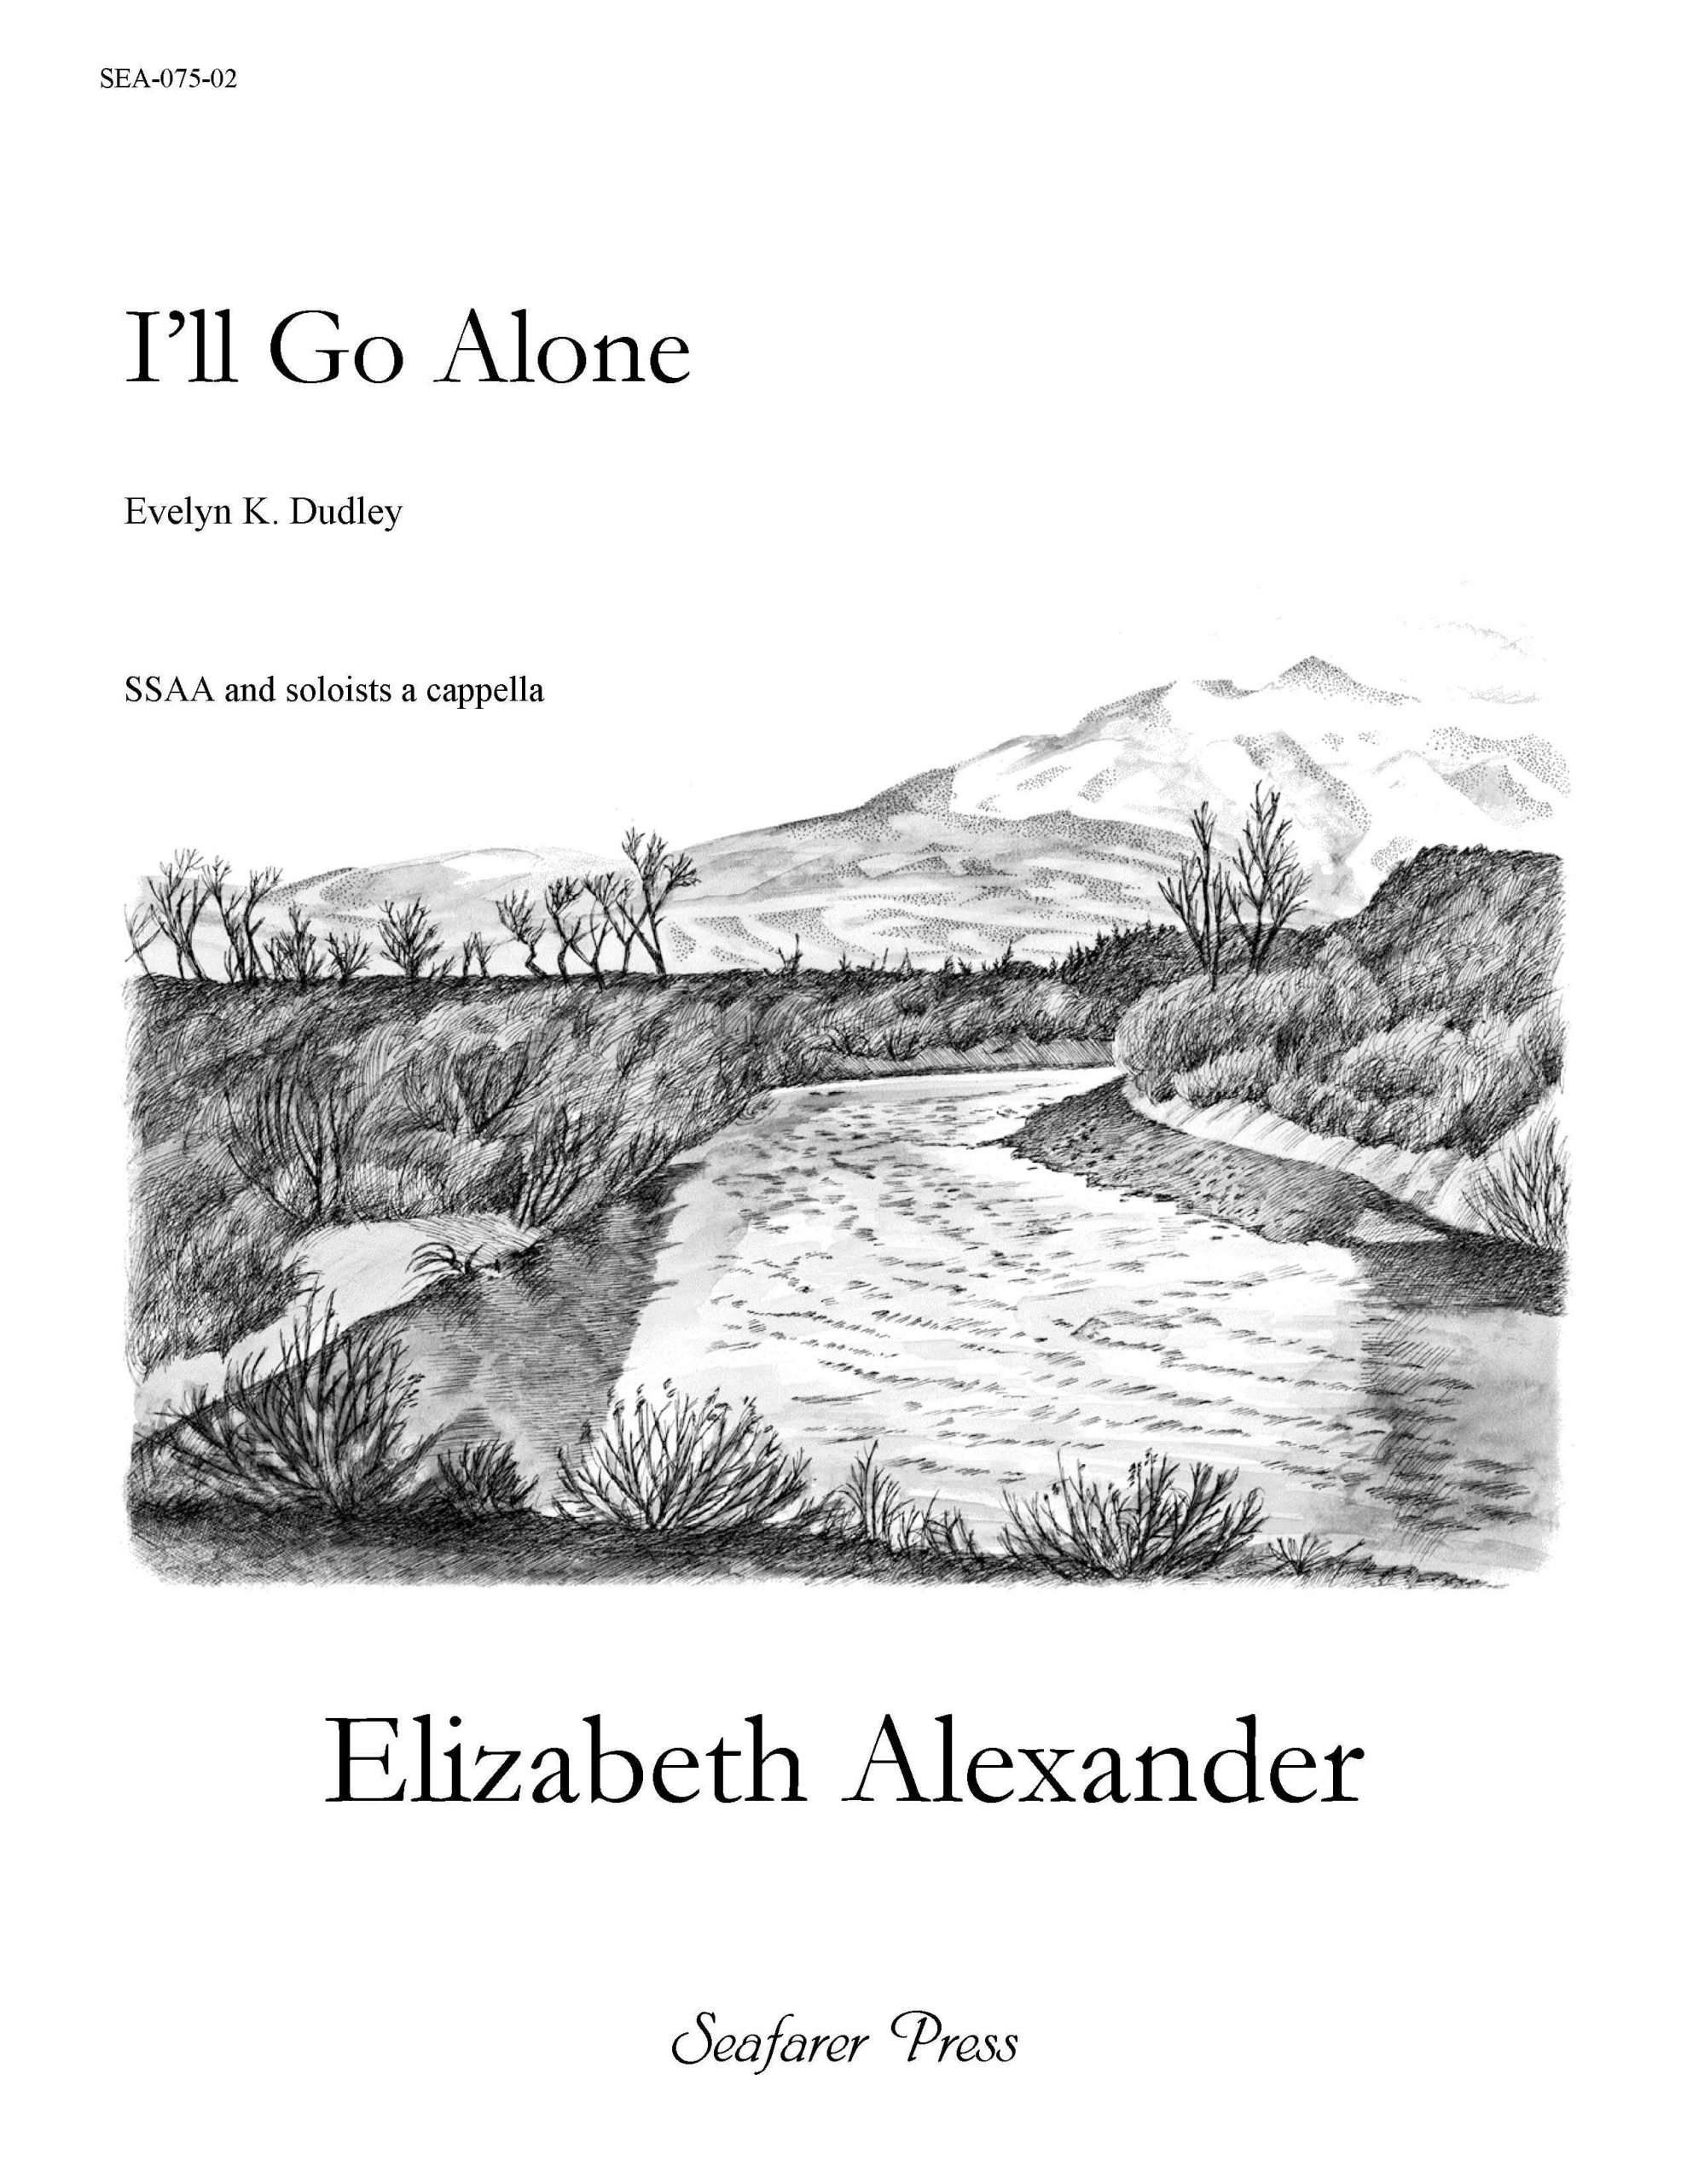 SEA-075-02 - I'll Go Alone (SSAA)